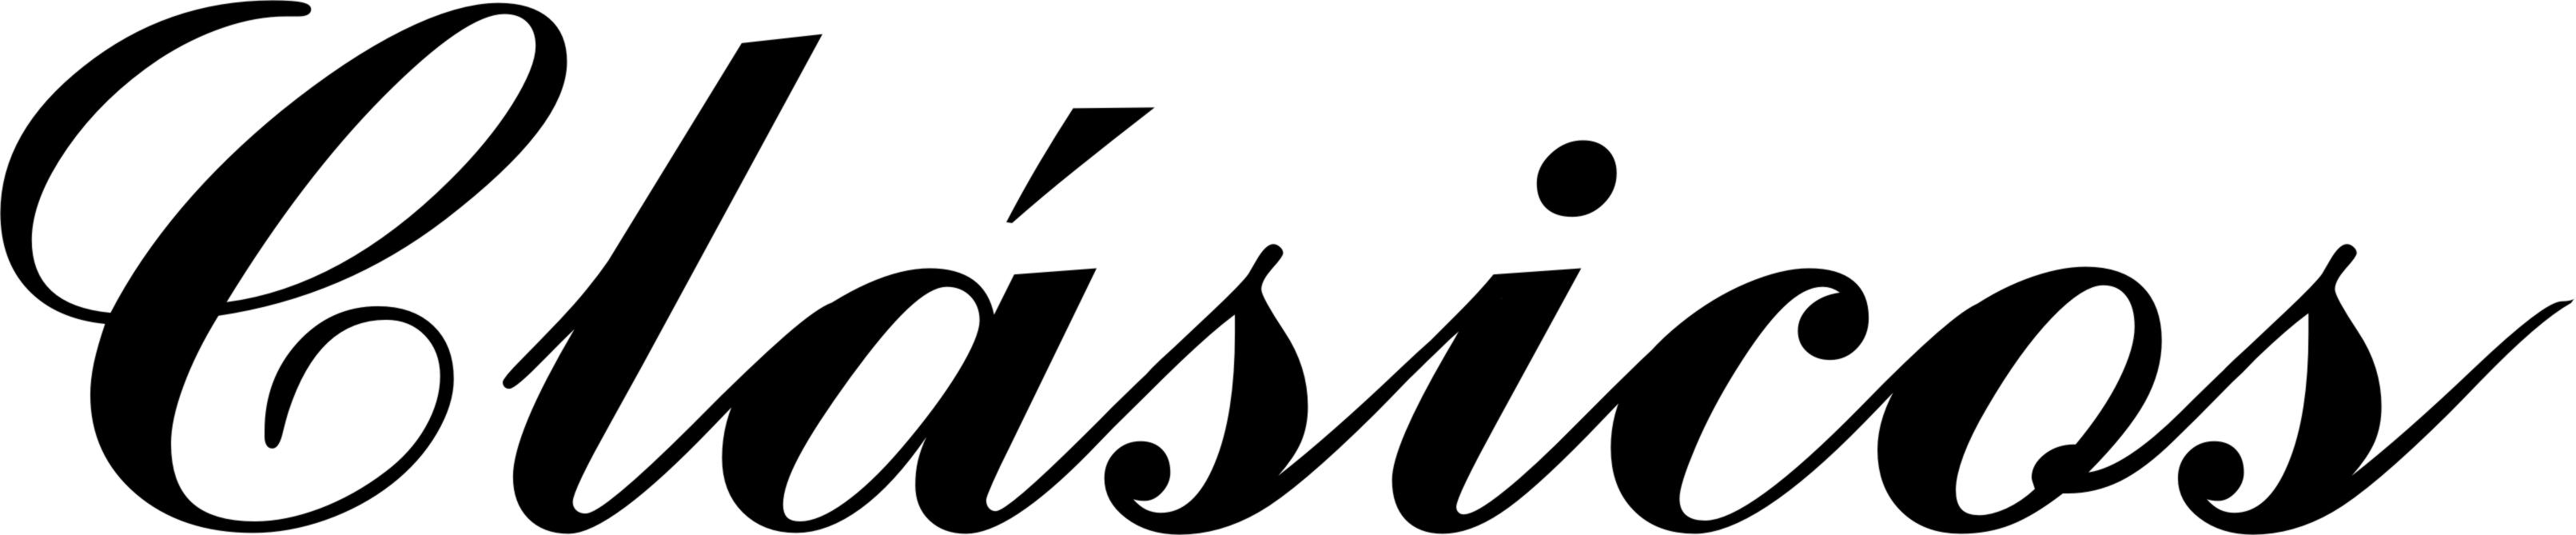 fig. Refuerzo por elección tipográfica